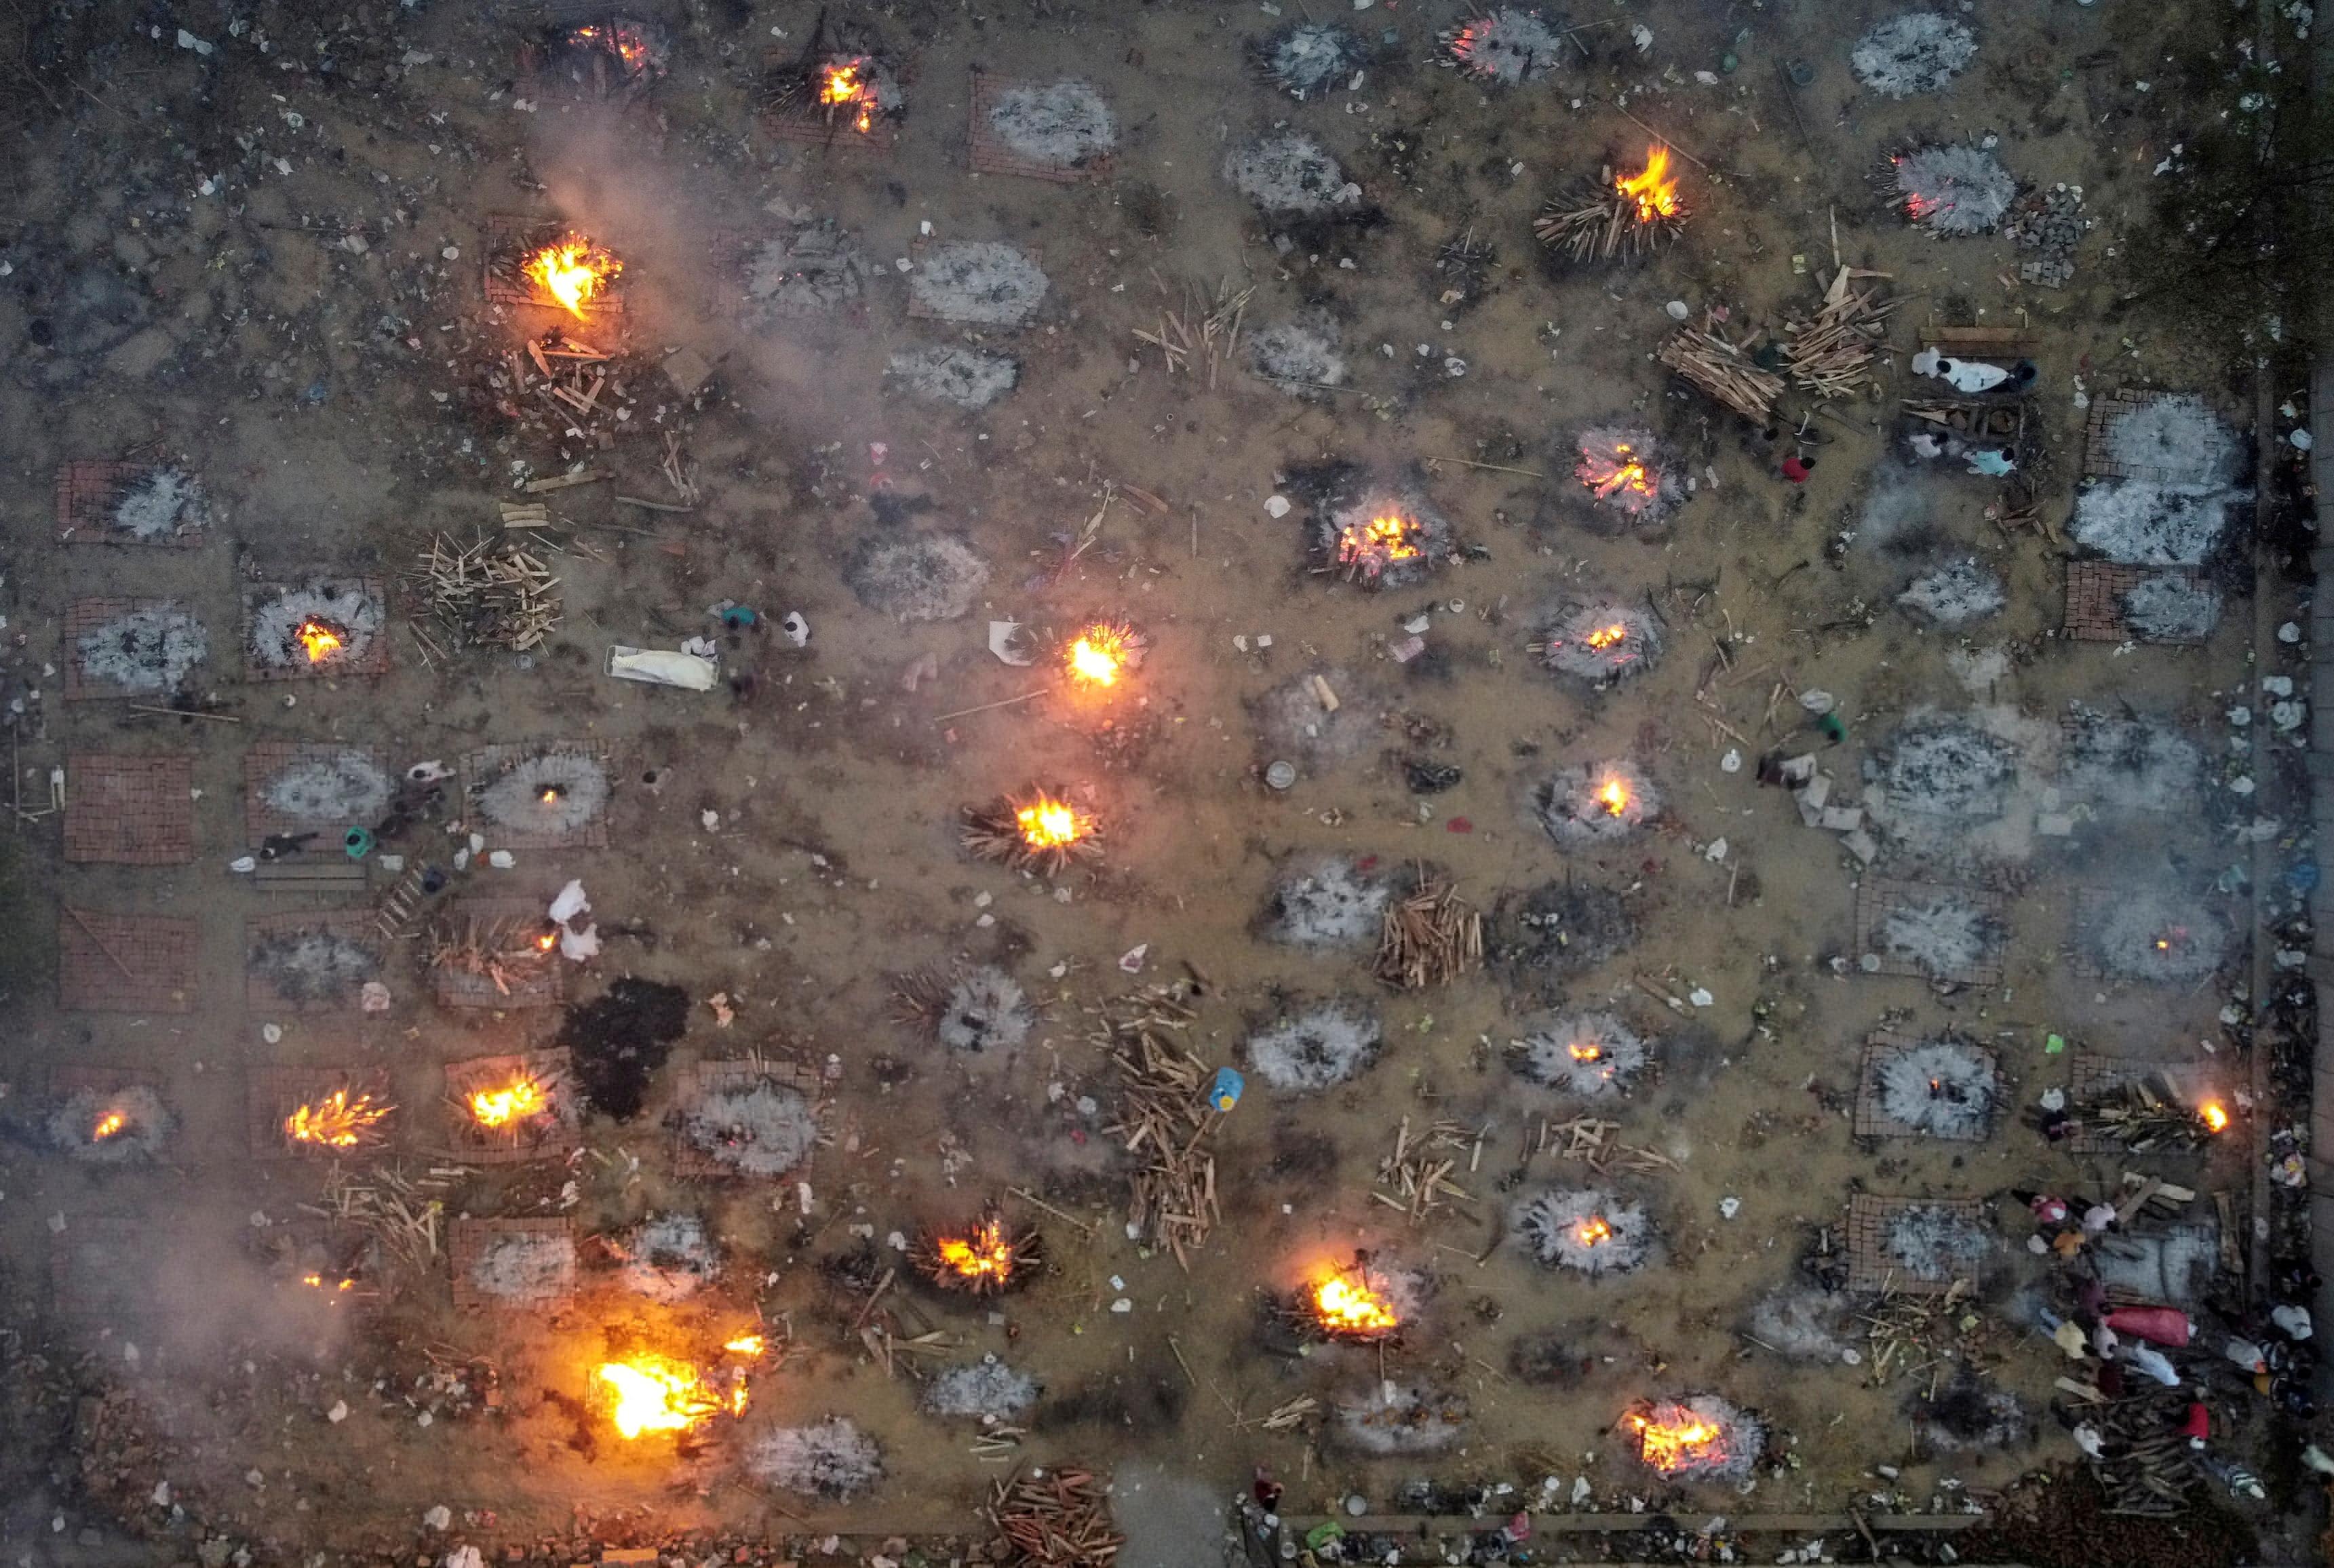 यह तस्वीर राजधानी दिल्ली की है। कोरोना की दूसरी लहर की पीक के दौरान जलती चिताओं की इस तस्वीर ने लोगों हिलाकर रख दिया था। (फोटो- रॉयटर्स)